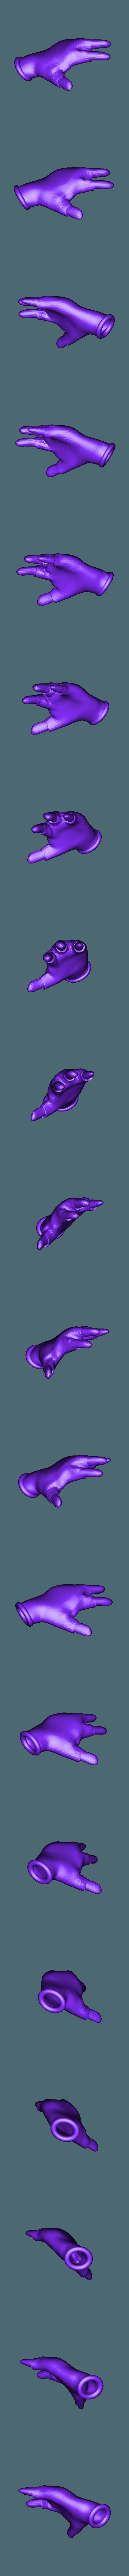 luva_esq.stl Télécharger fichier OBJ gratuit Crash Bandicoot • Design pour impression 3D, Dream_it_Model_it